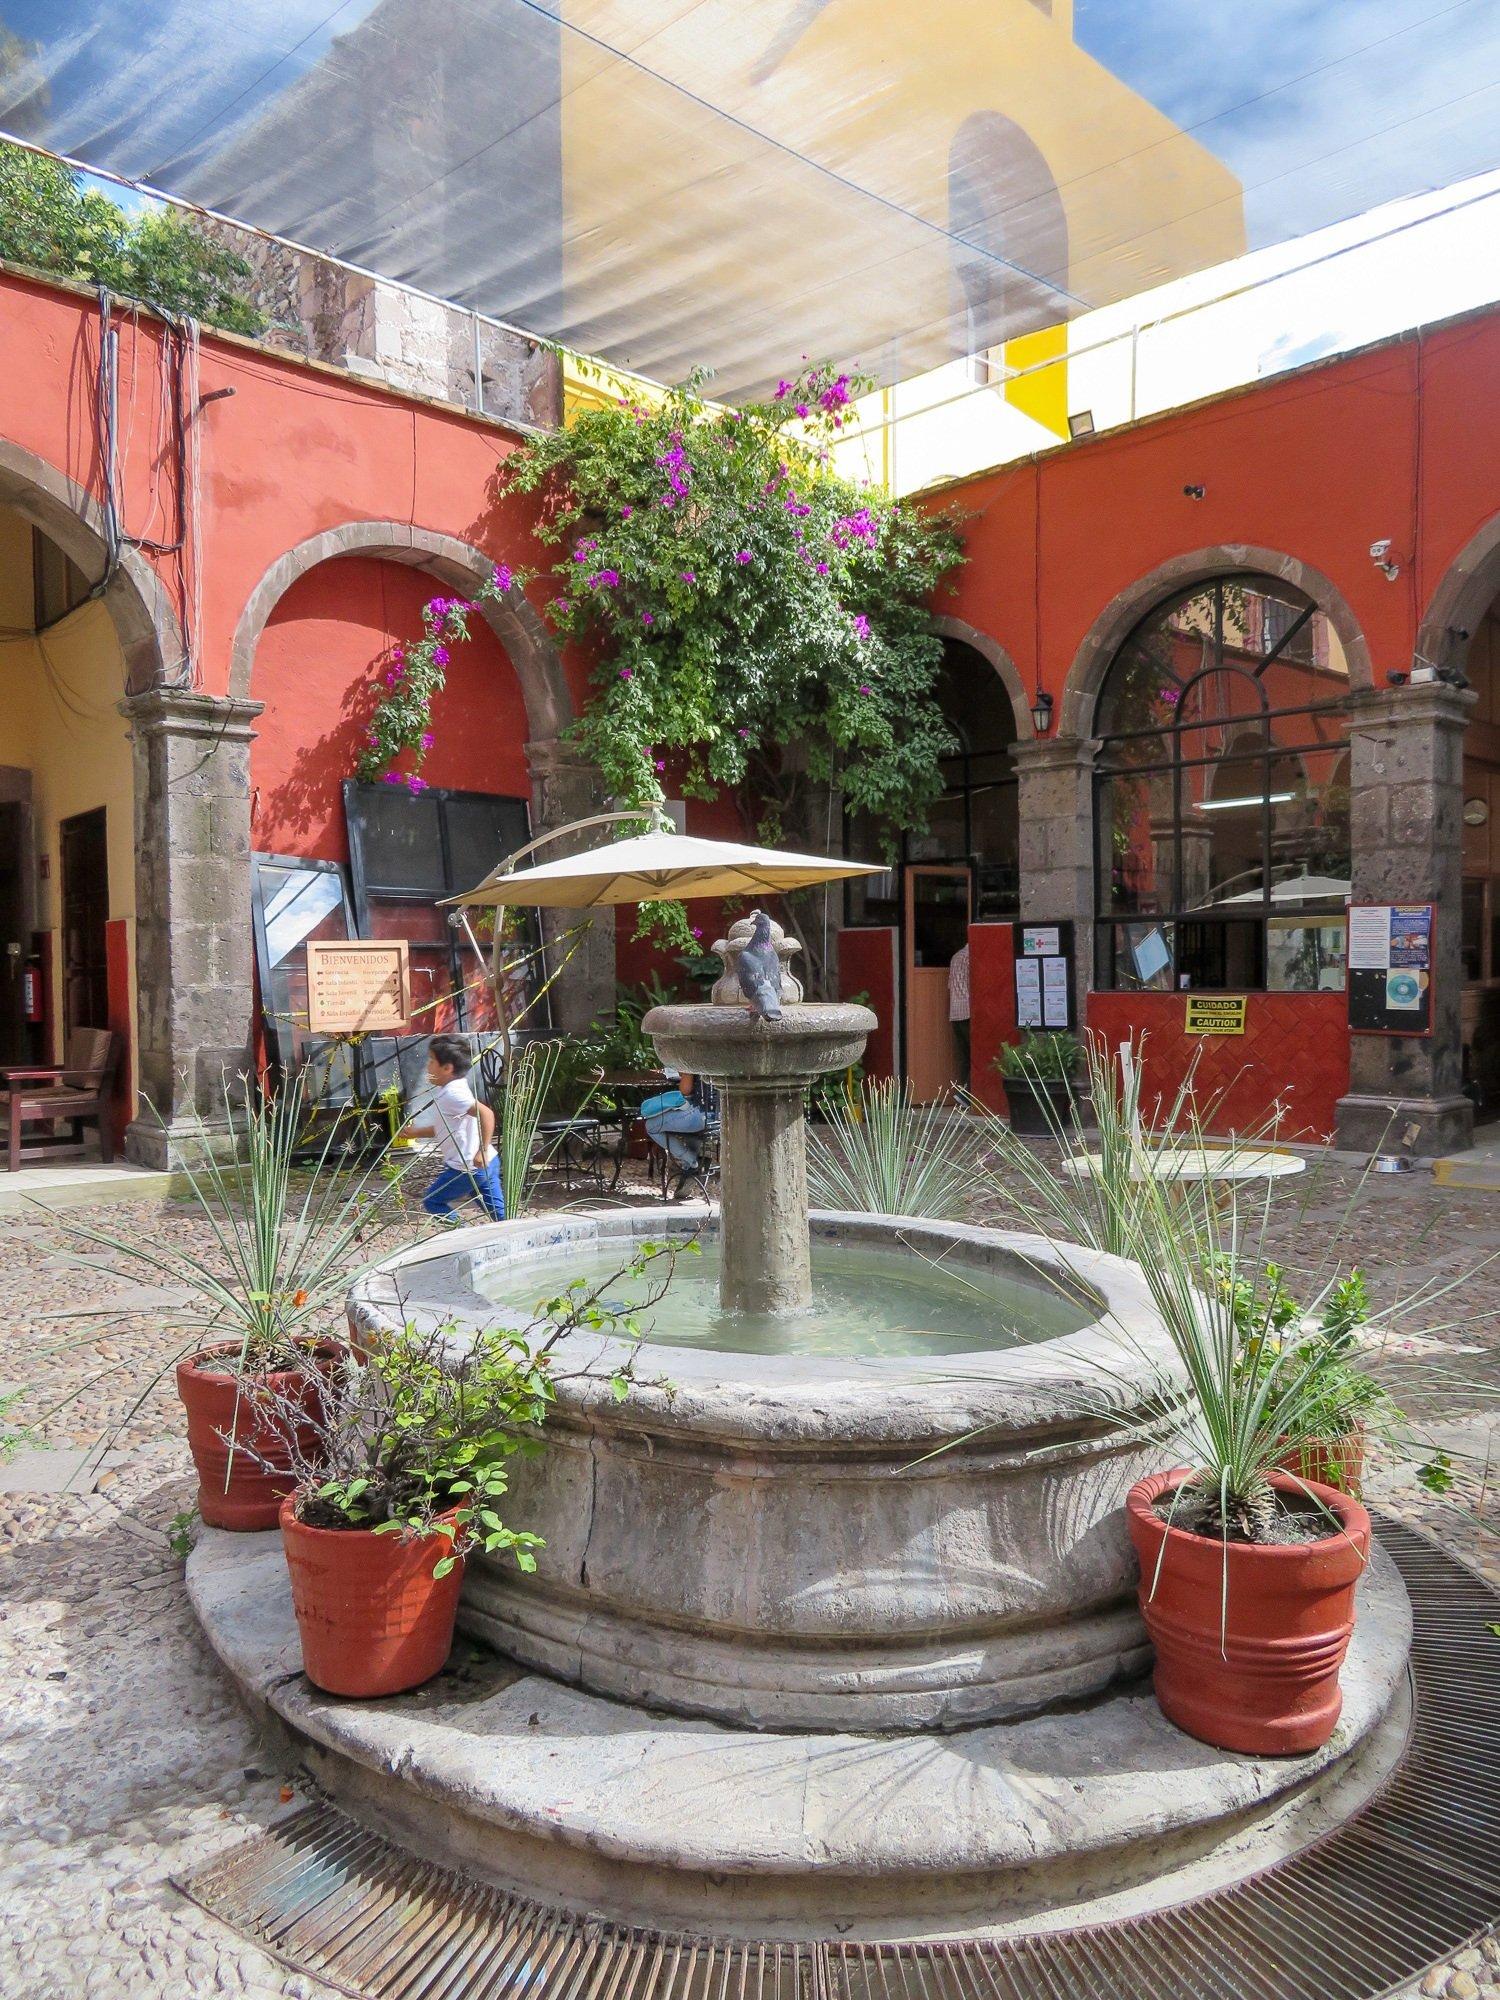 Courtyard at Biblioteca de San Miguel de Allende